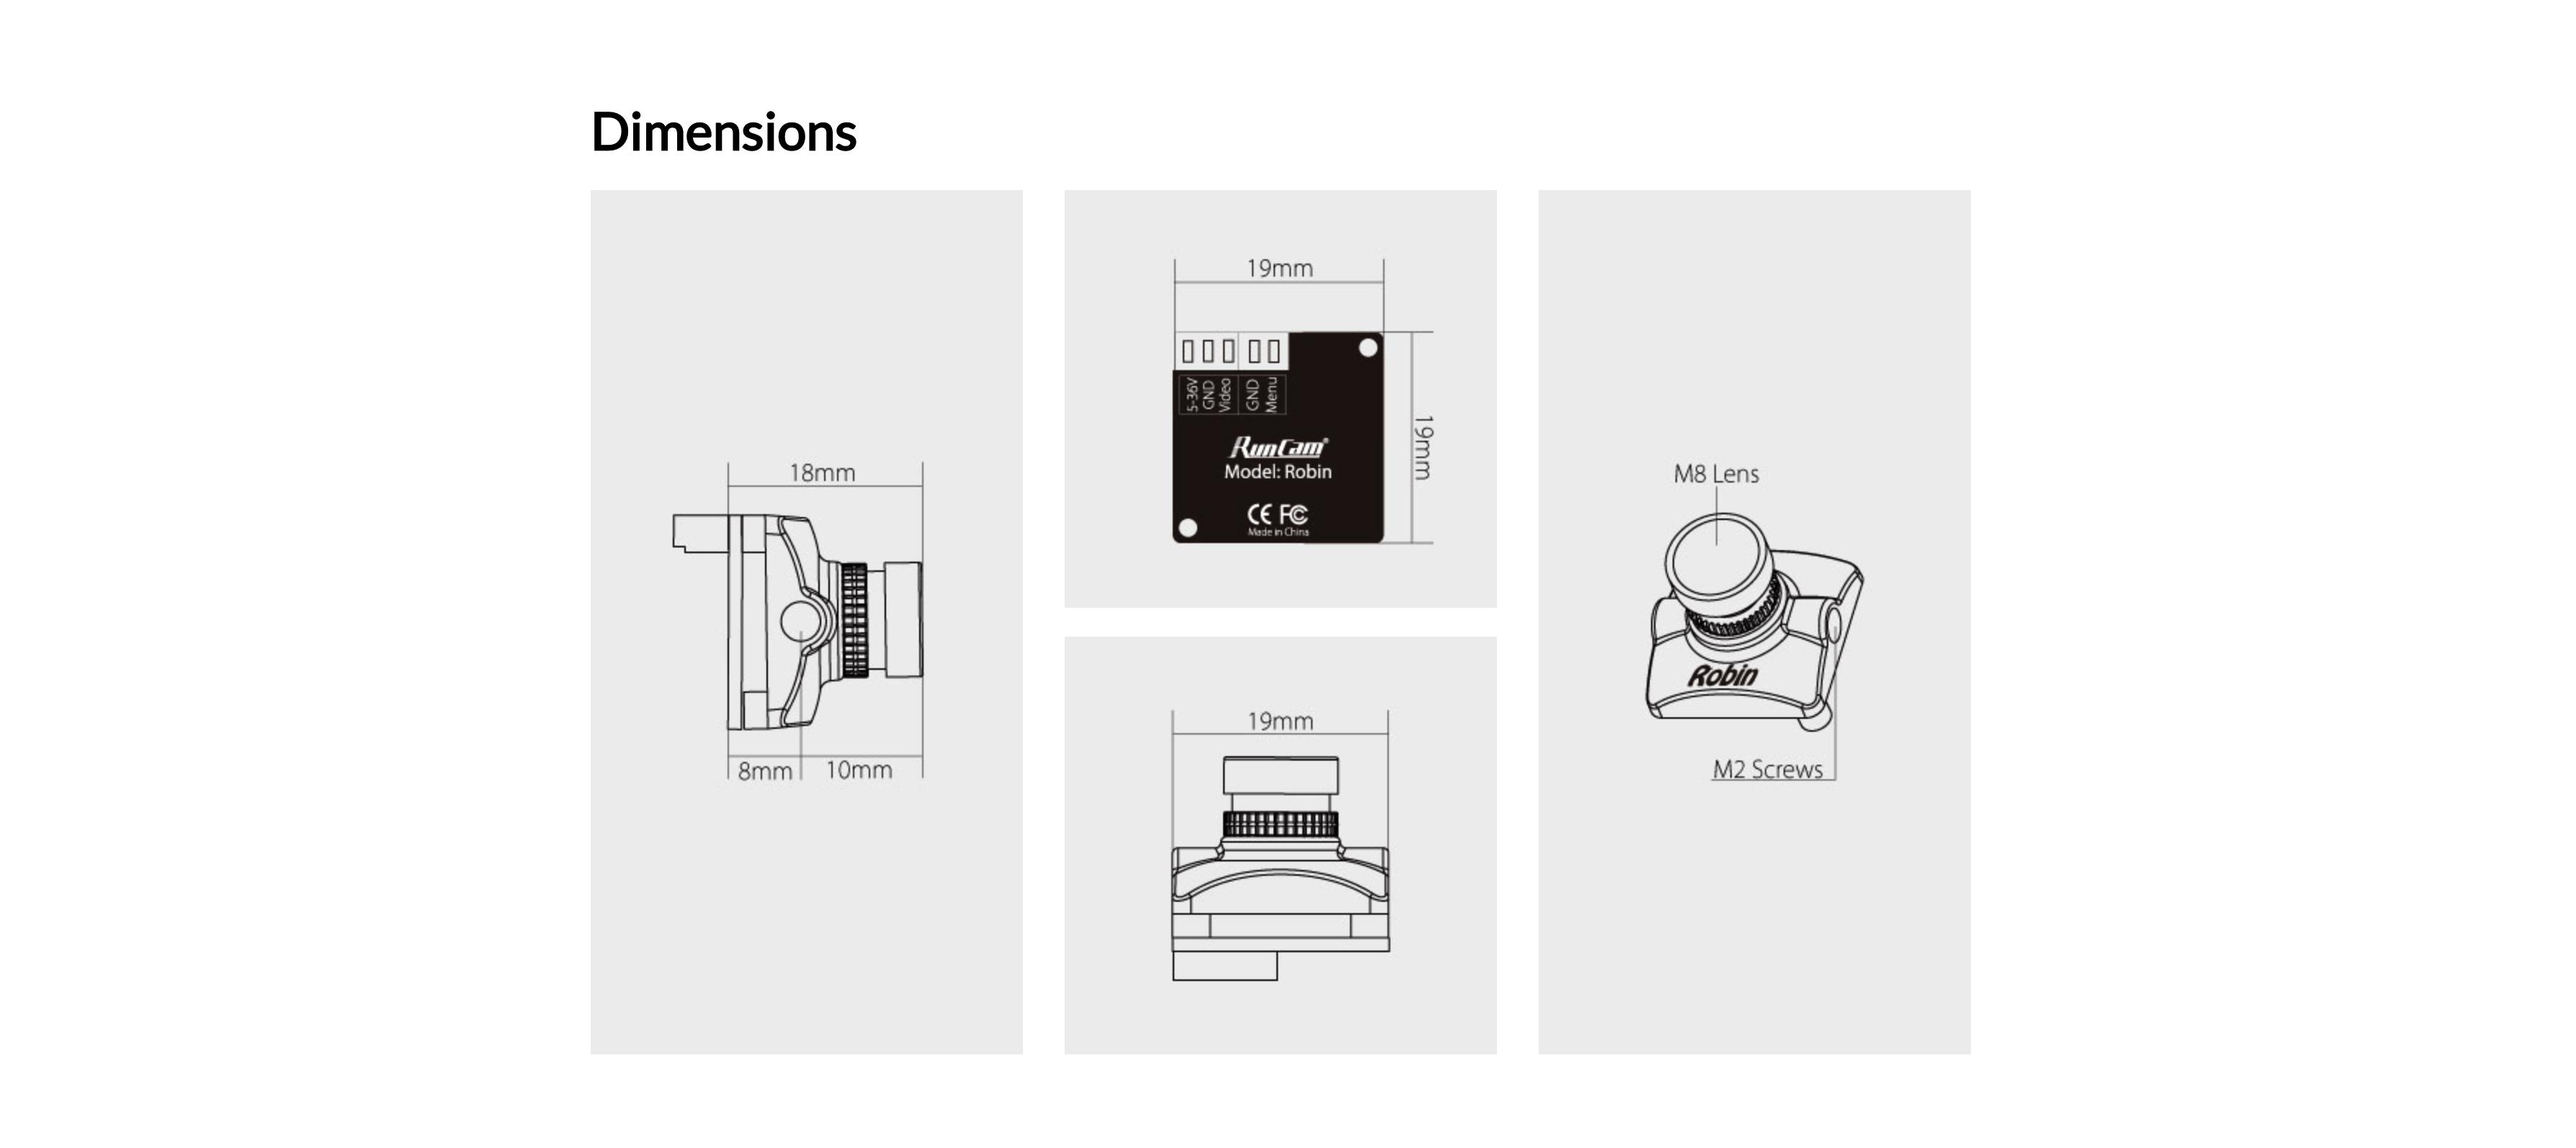 runcam-robin dimensions main.png